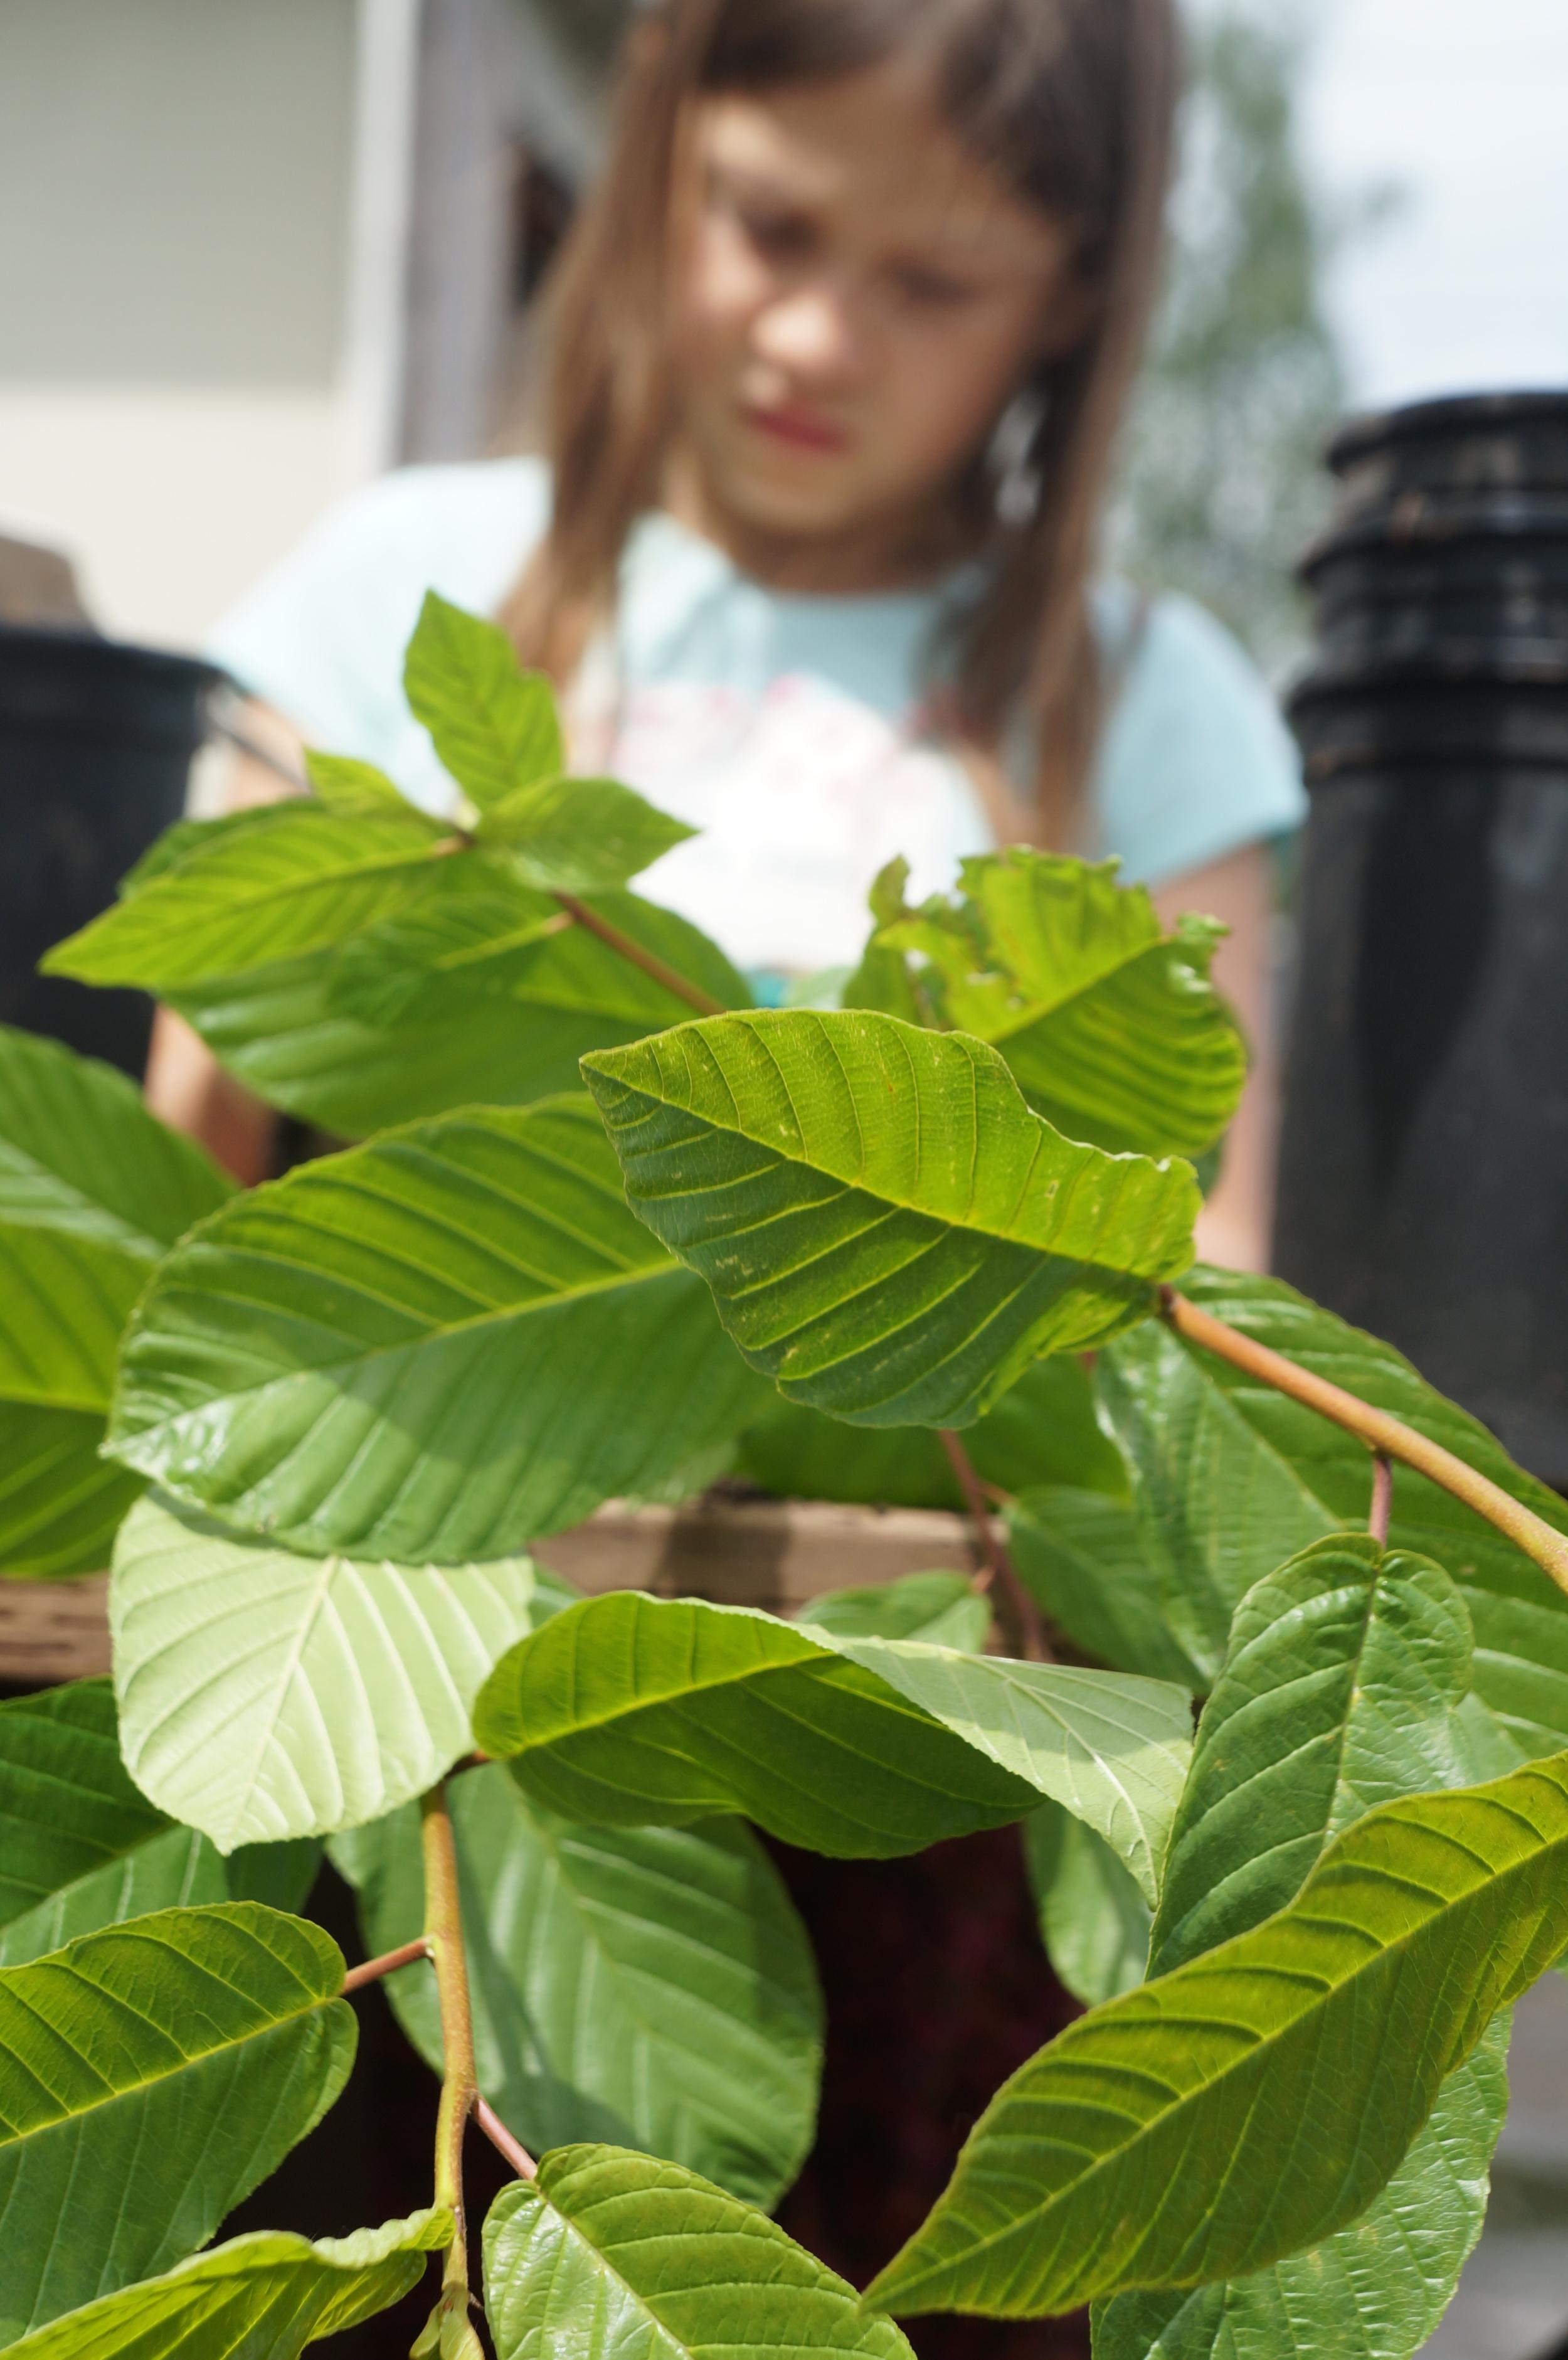 Cascara /   Rhamnus purshiana  A charming small native tree.